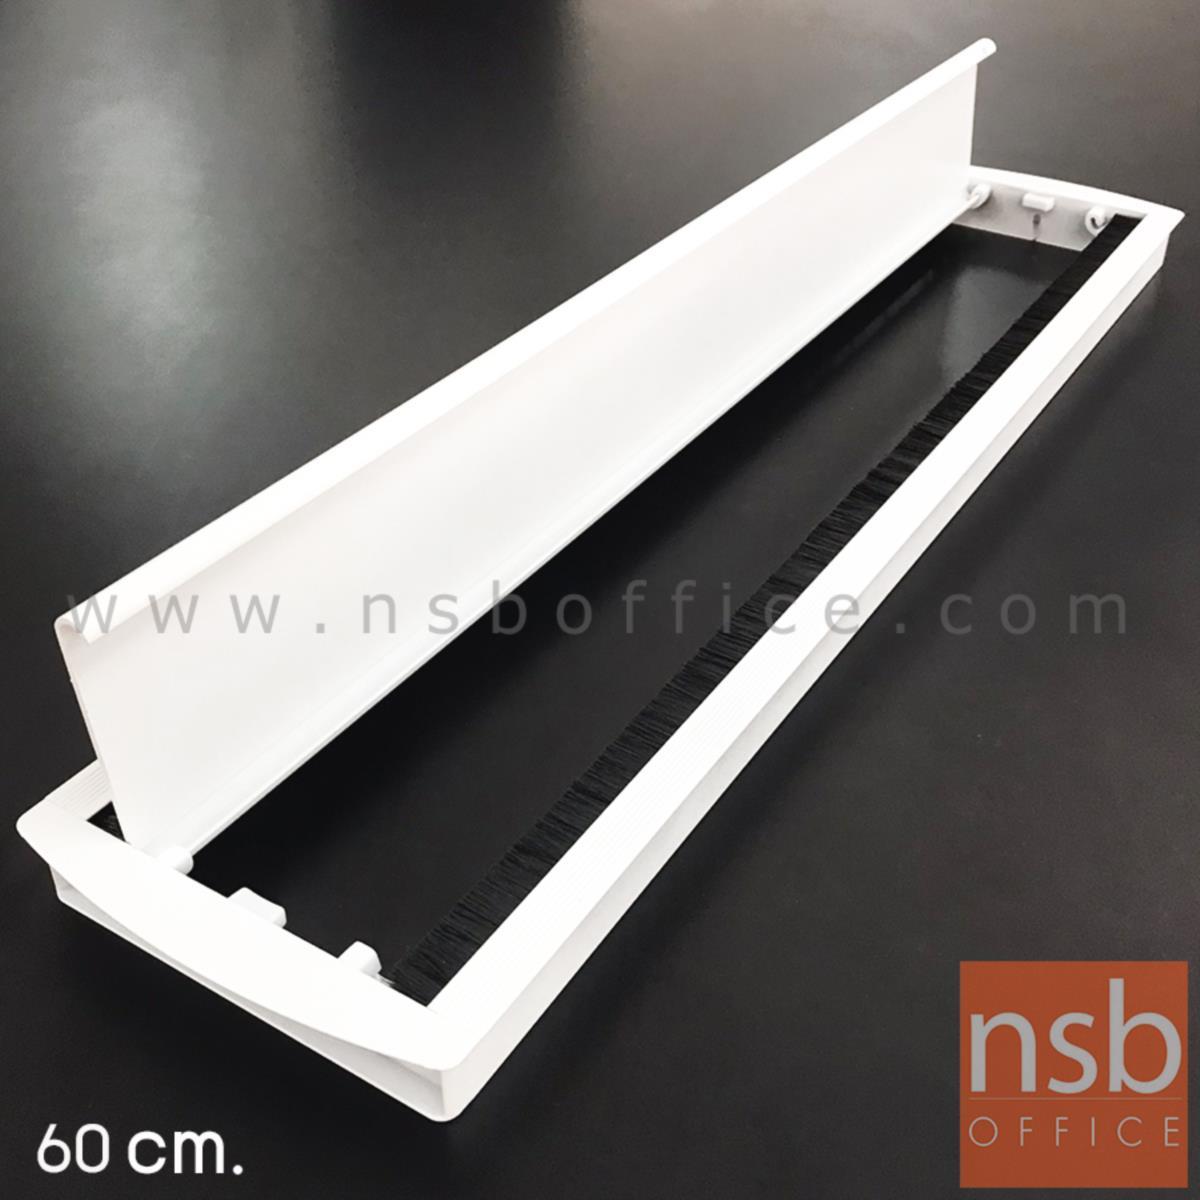 ฝาป๊อปอัพเปิด 2 ทาง  ขนาด 40W, 60W cm. (สีขาวและสีดำ) ผลิตจากอลูมิเนียม